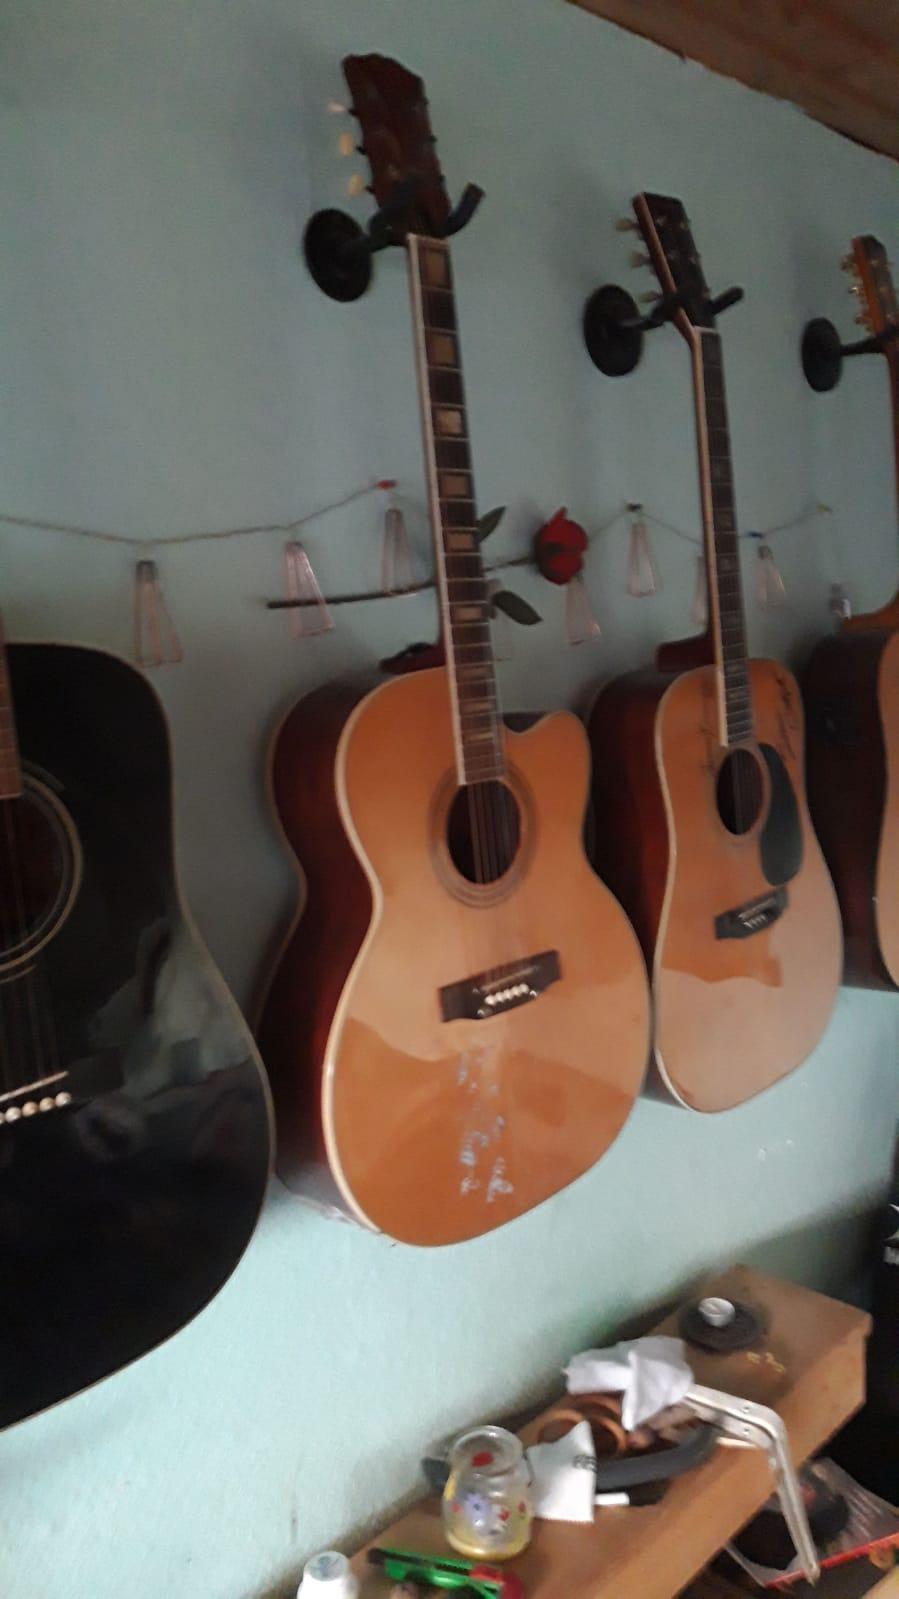 [Bild: GitarreWappen.jpg]